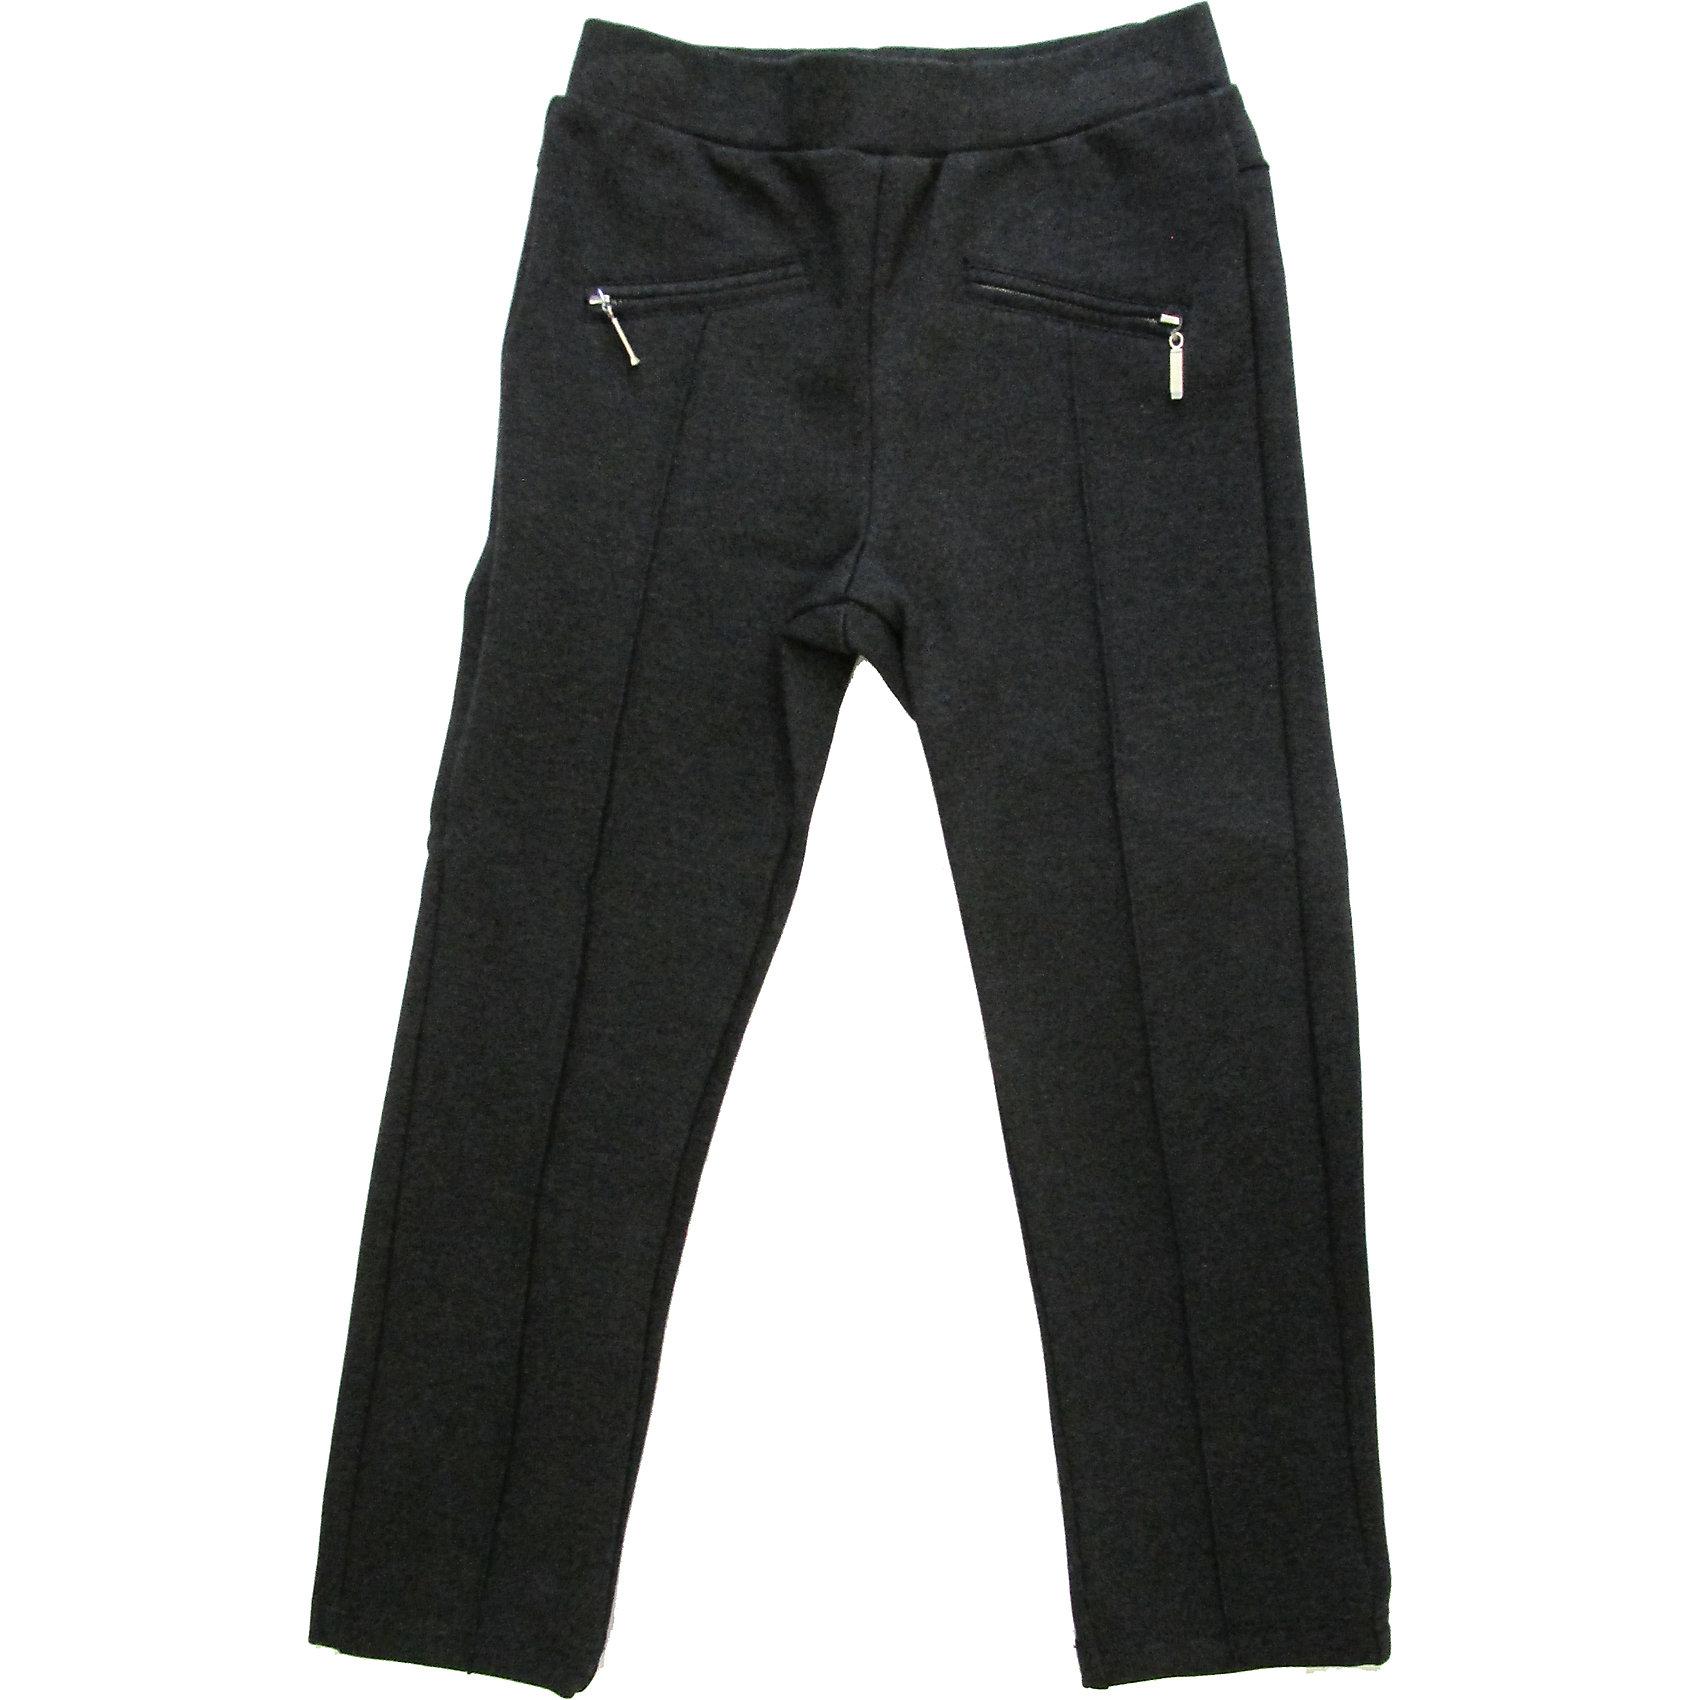 Брюки для девочки Sweet BerryБрюки<br>Стильные трикотажные брюки с застроченными спереди стрелками. На эластичном поясе с резинкой. Брюки украшены иммитацией карманов в рамку с молнией. <br>Состав: <br>95% хлопок, 5% эластан<br><br>Ширина мм: 215<br>Глубина мм: 88<br>Высота мм: 191<br>Вес г: 336<br>Цвет: серый<br>Возраст от месяцев: 24<br>Возраст до месяцев: 36<br>Пол: Женский<br>Возраст: Детский<br>Размер: 122,98,104,128,116,110<br>SKU: 4291396